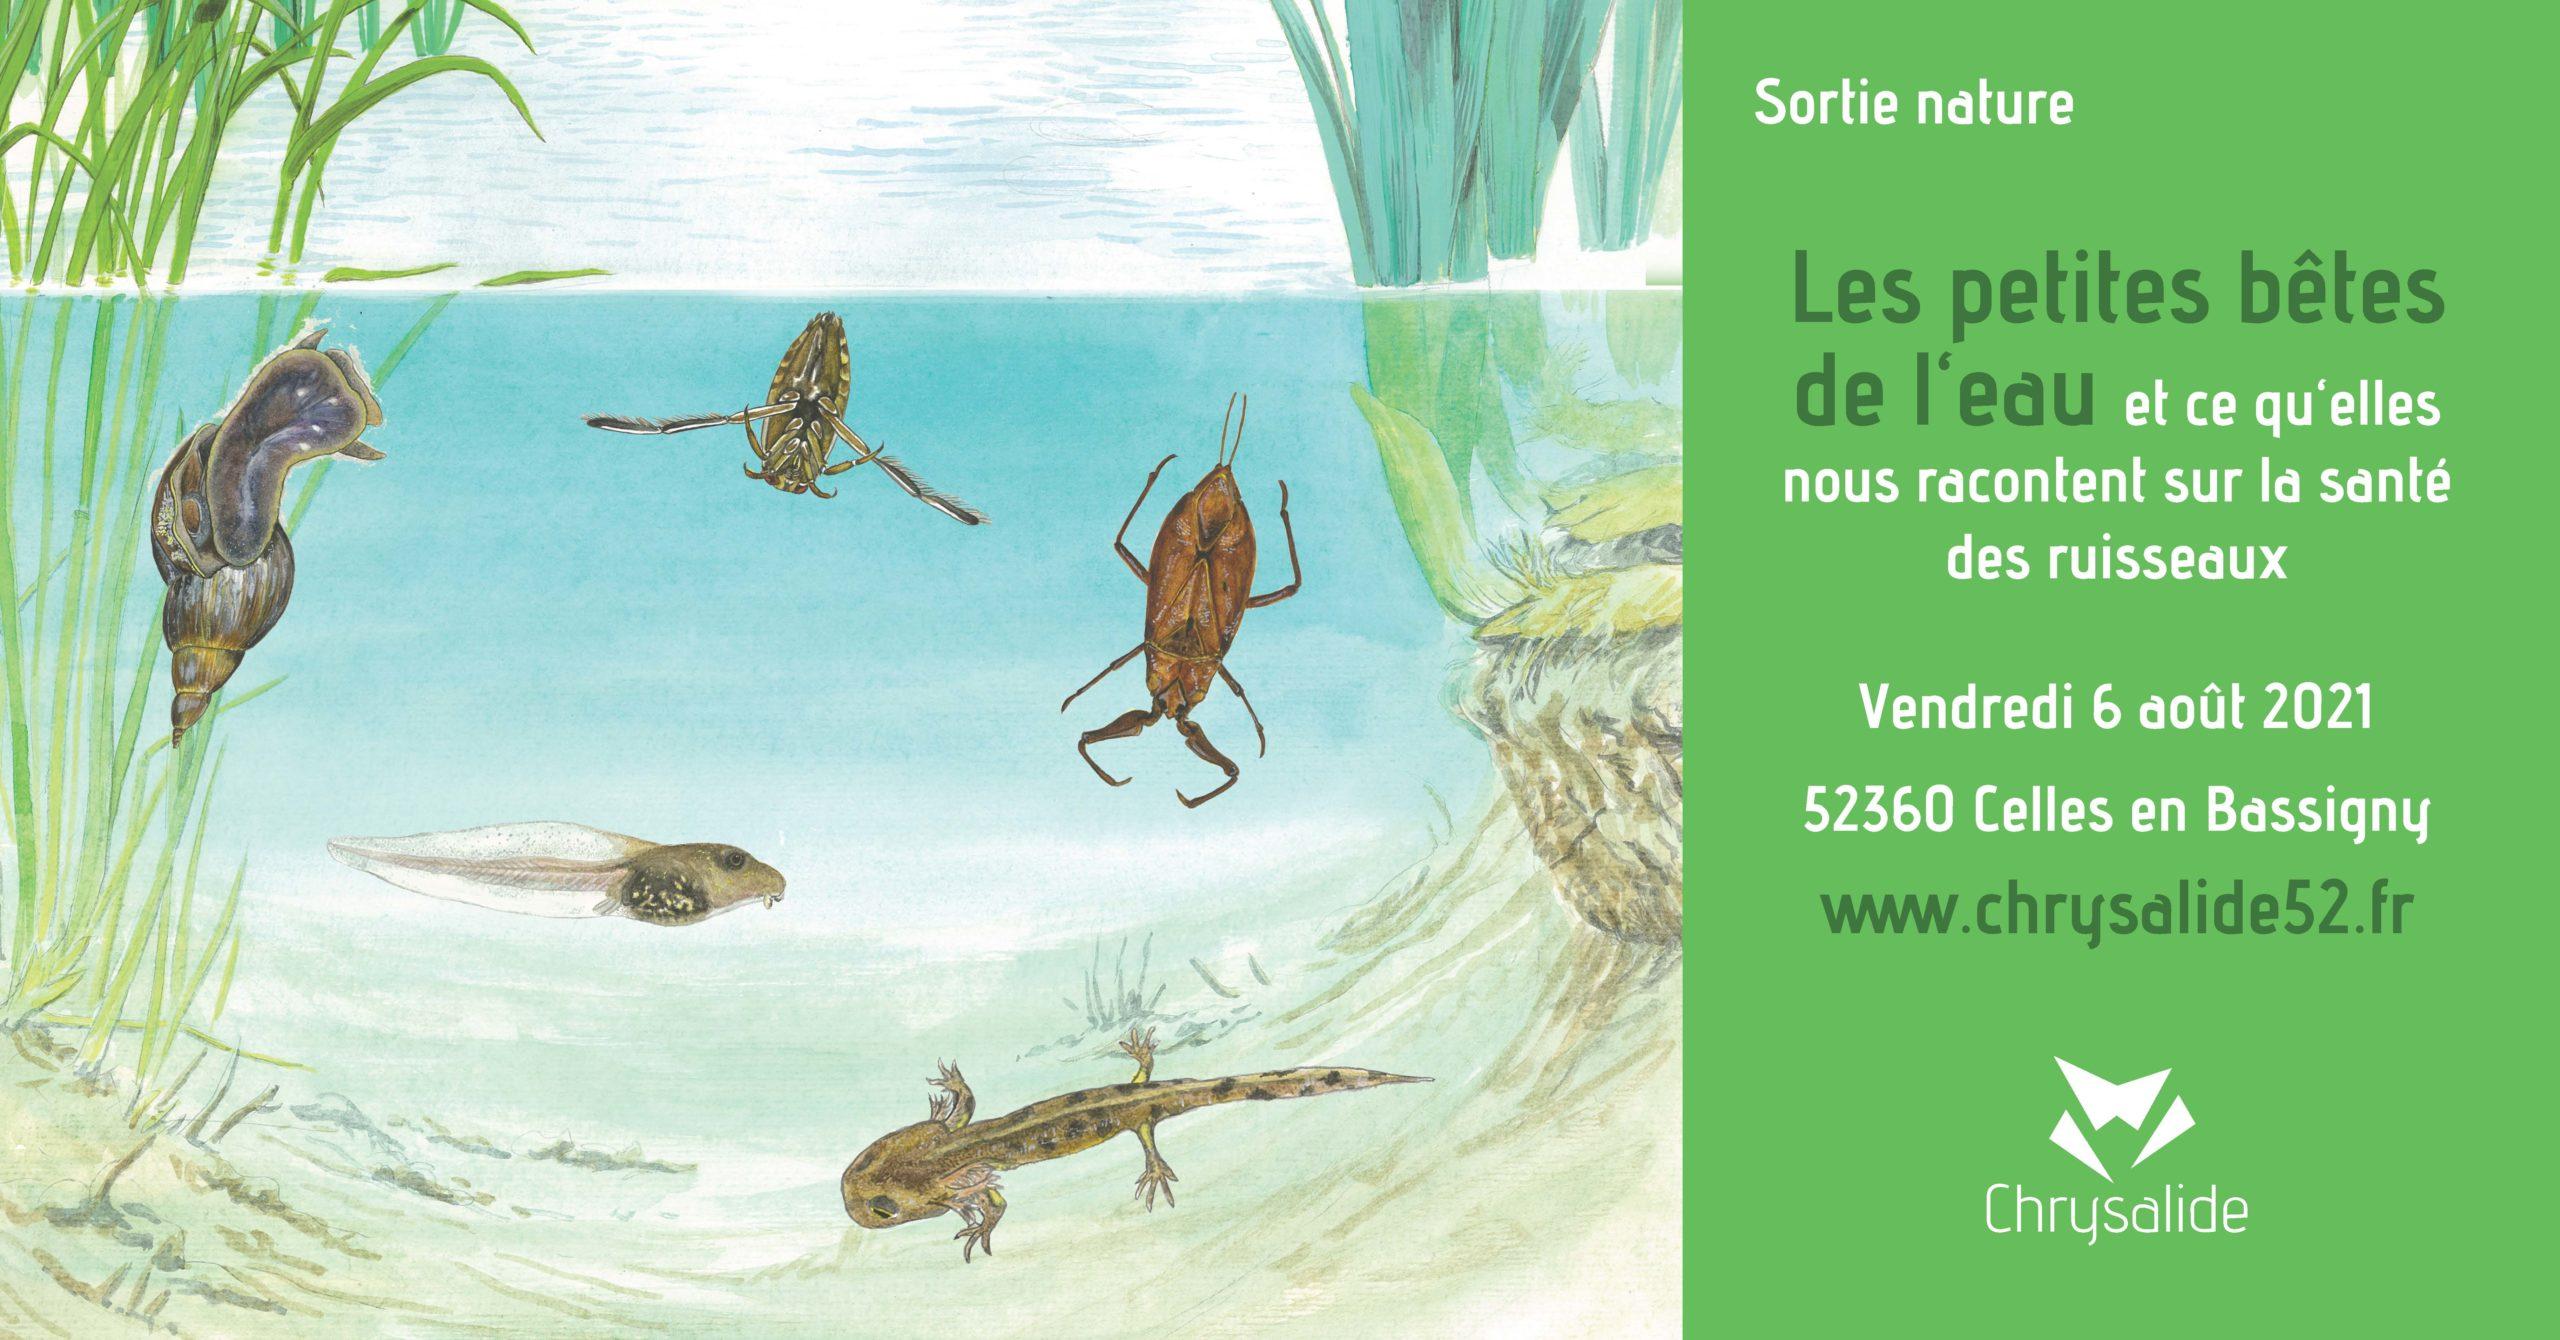 Sortie nature : Les petites bêtes de l'eau